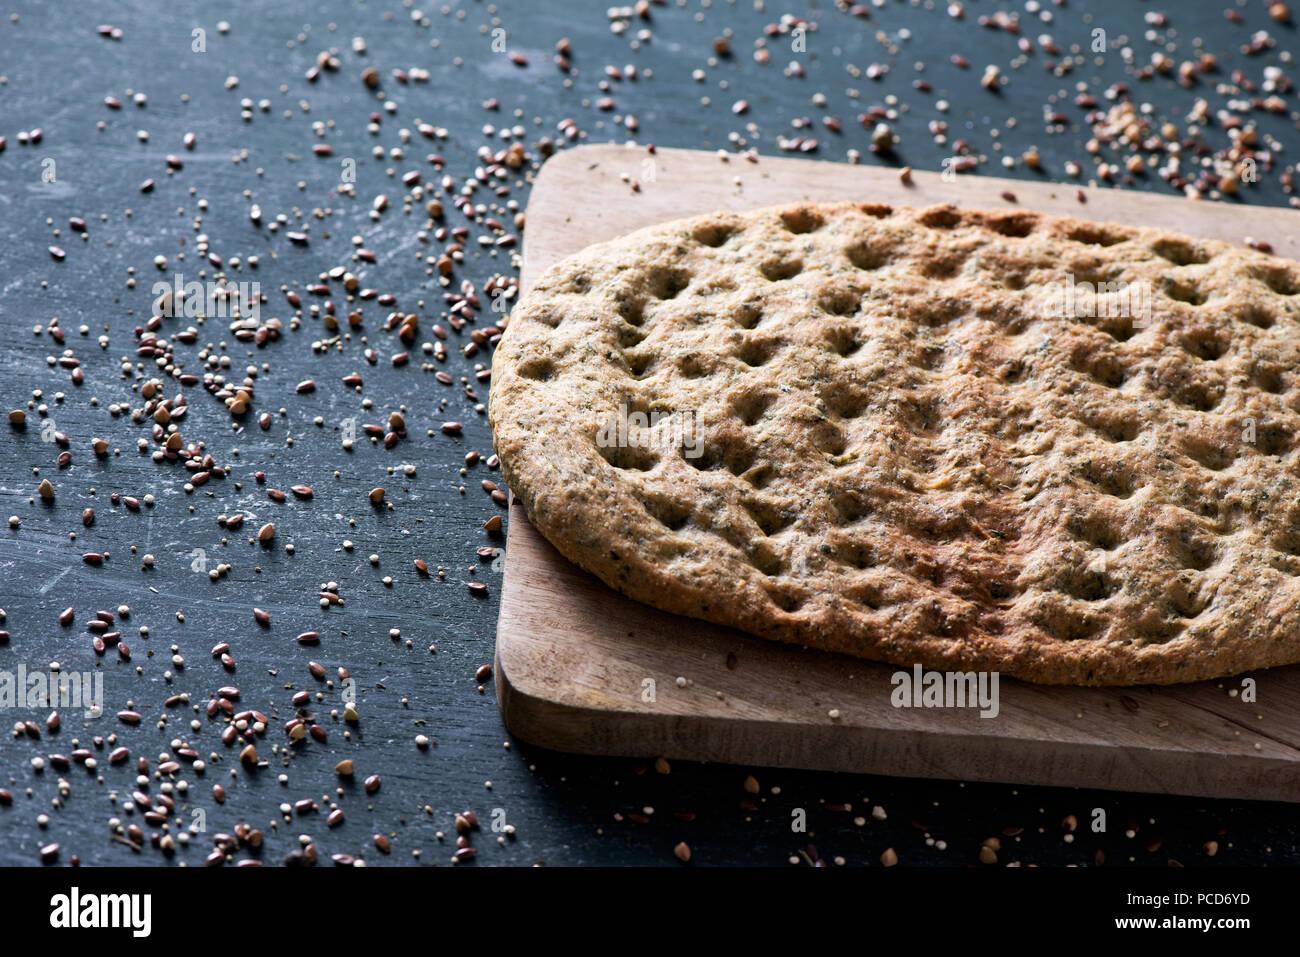 Libre d'un pain plat de chou sur une planche à découper, placé sur une table en bois rustique vert foncé parsemé de différentes épices Photo Stock